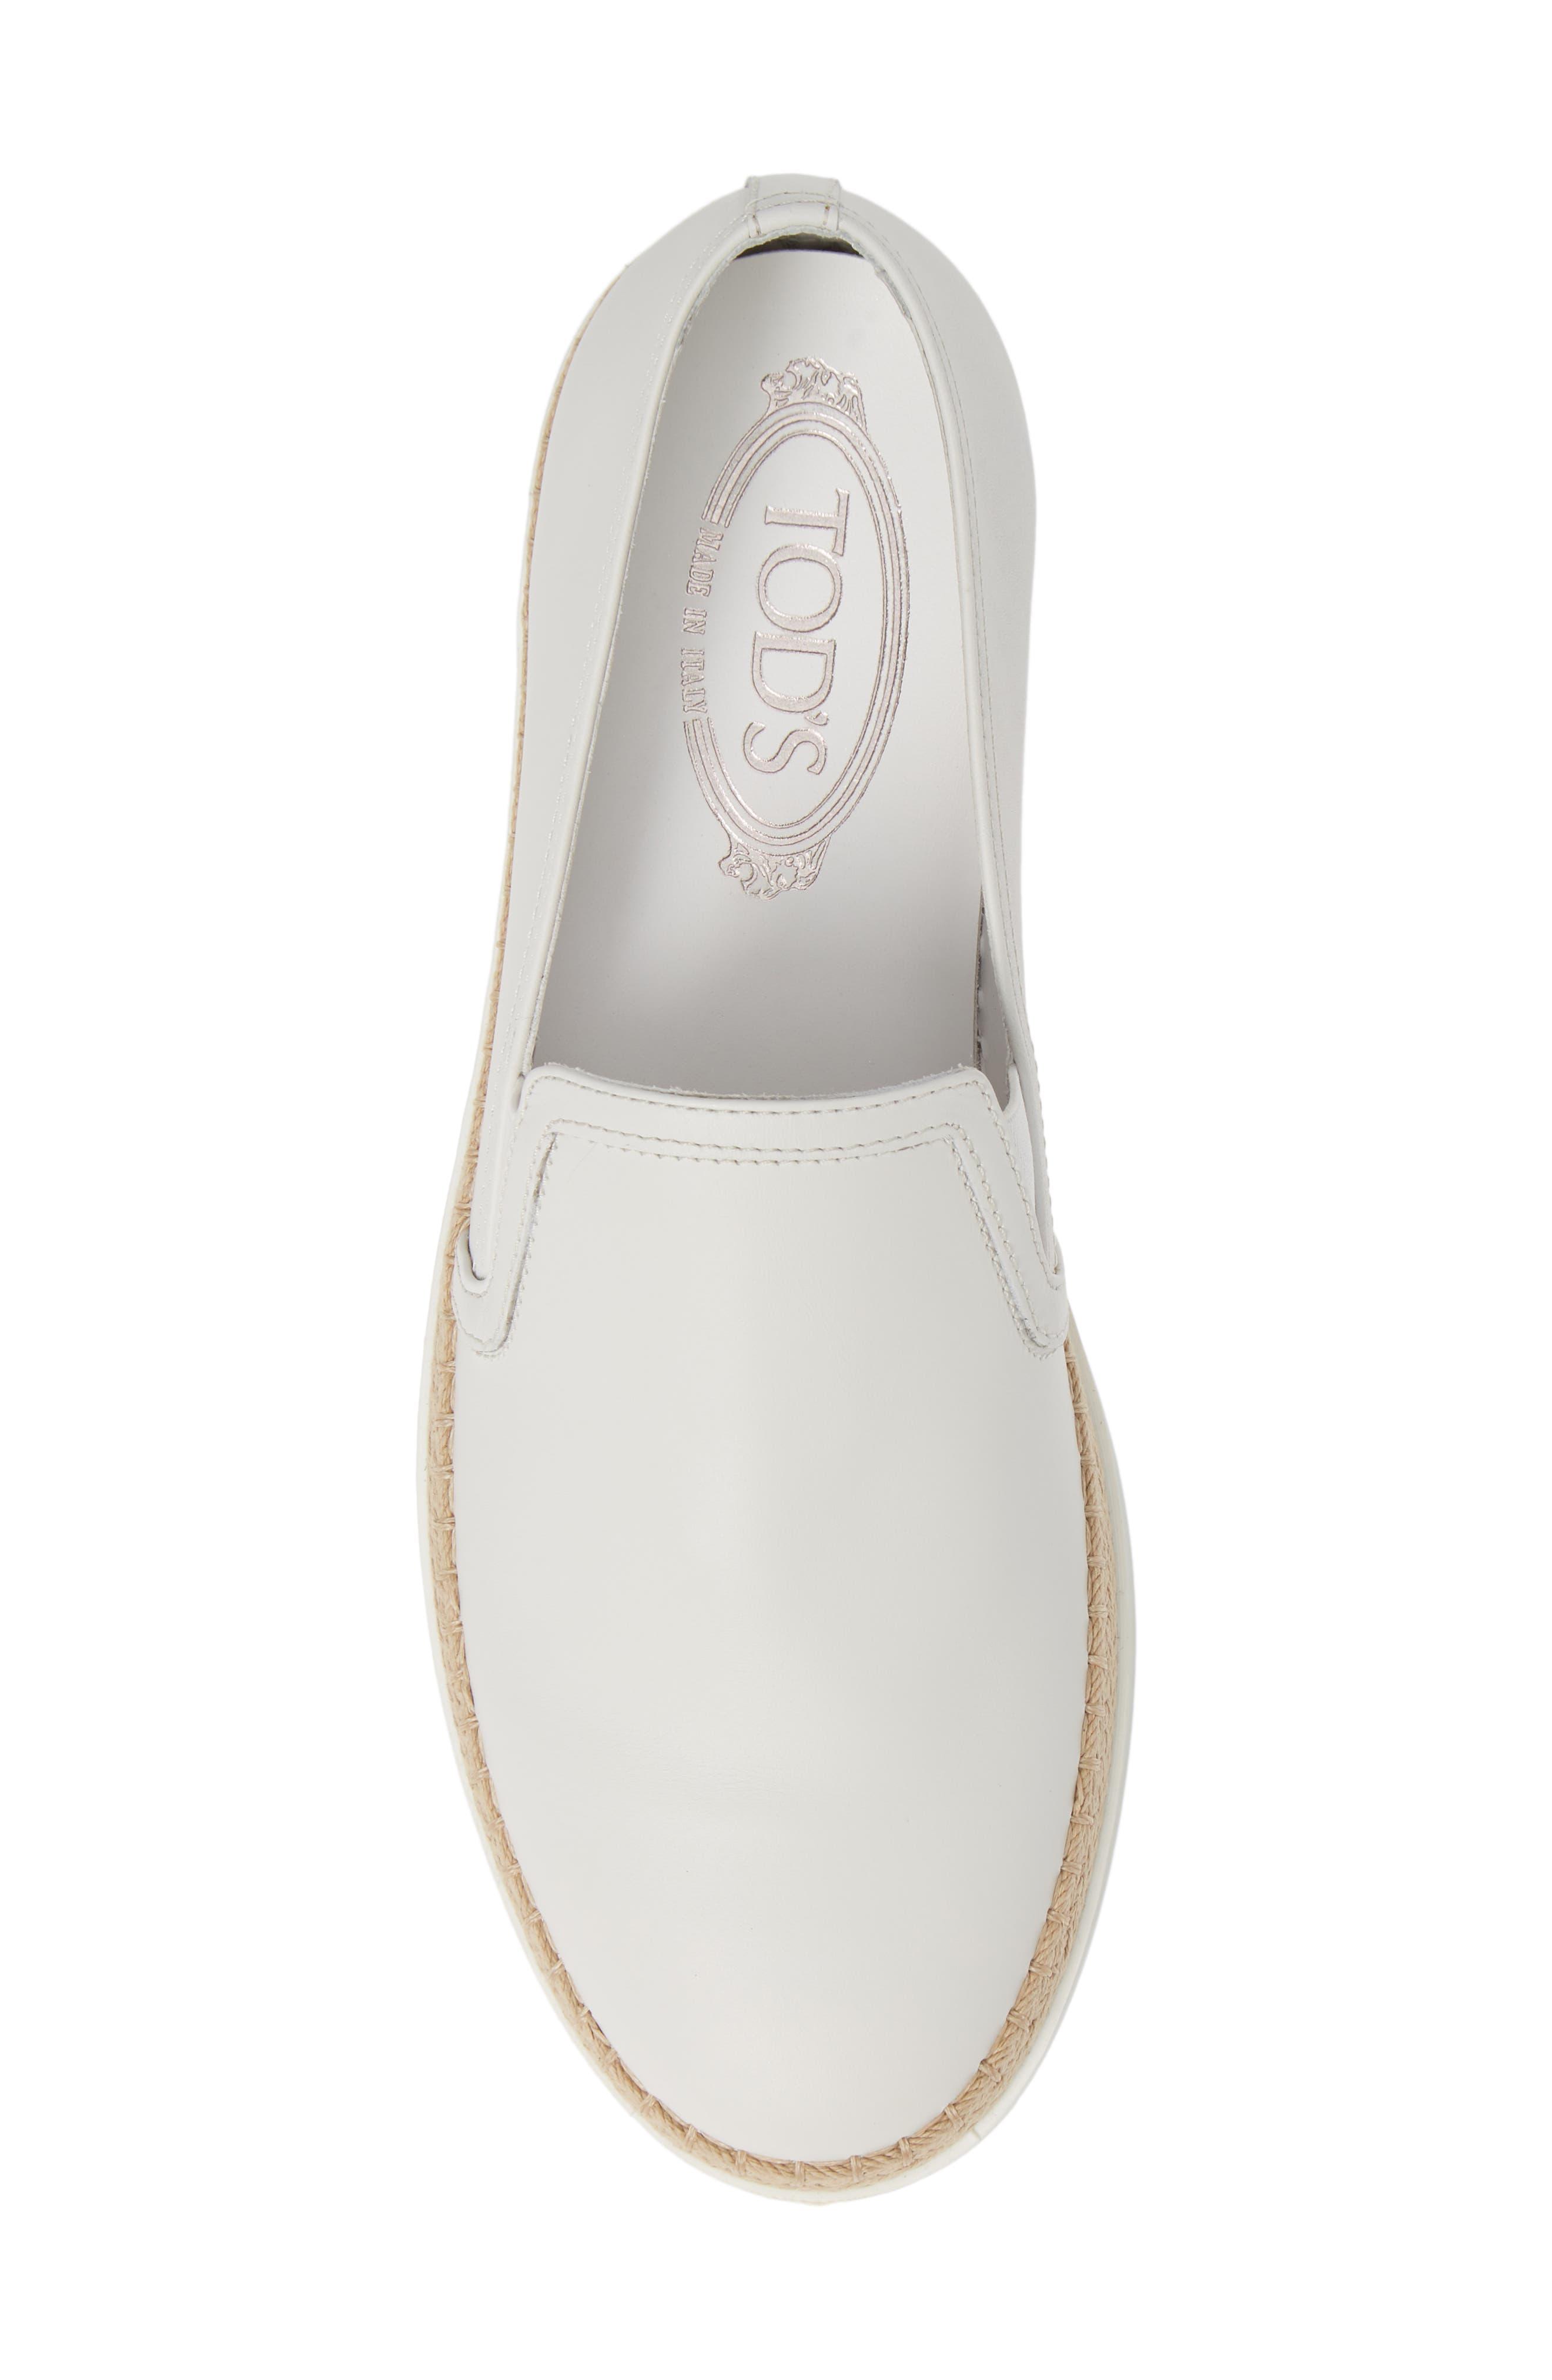 TOD'S, Espadrille Slip-On Sneaker, Alternate thumbnail 5, color, WHITE LEATHER